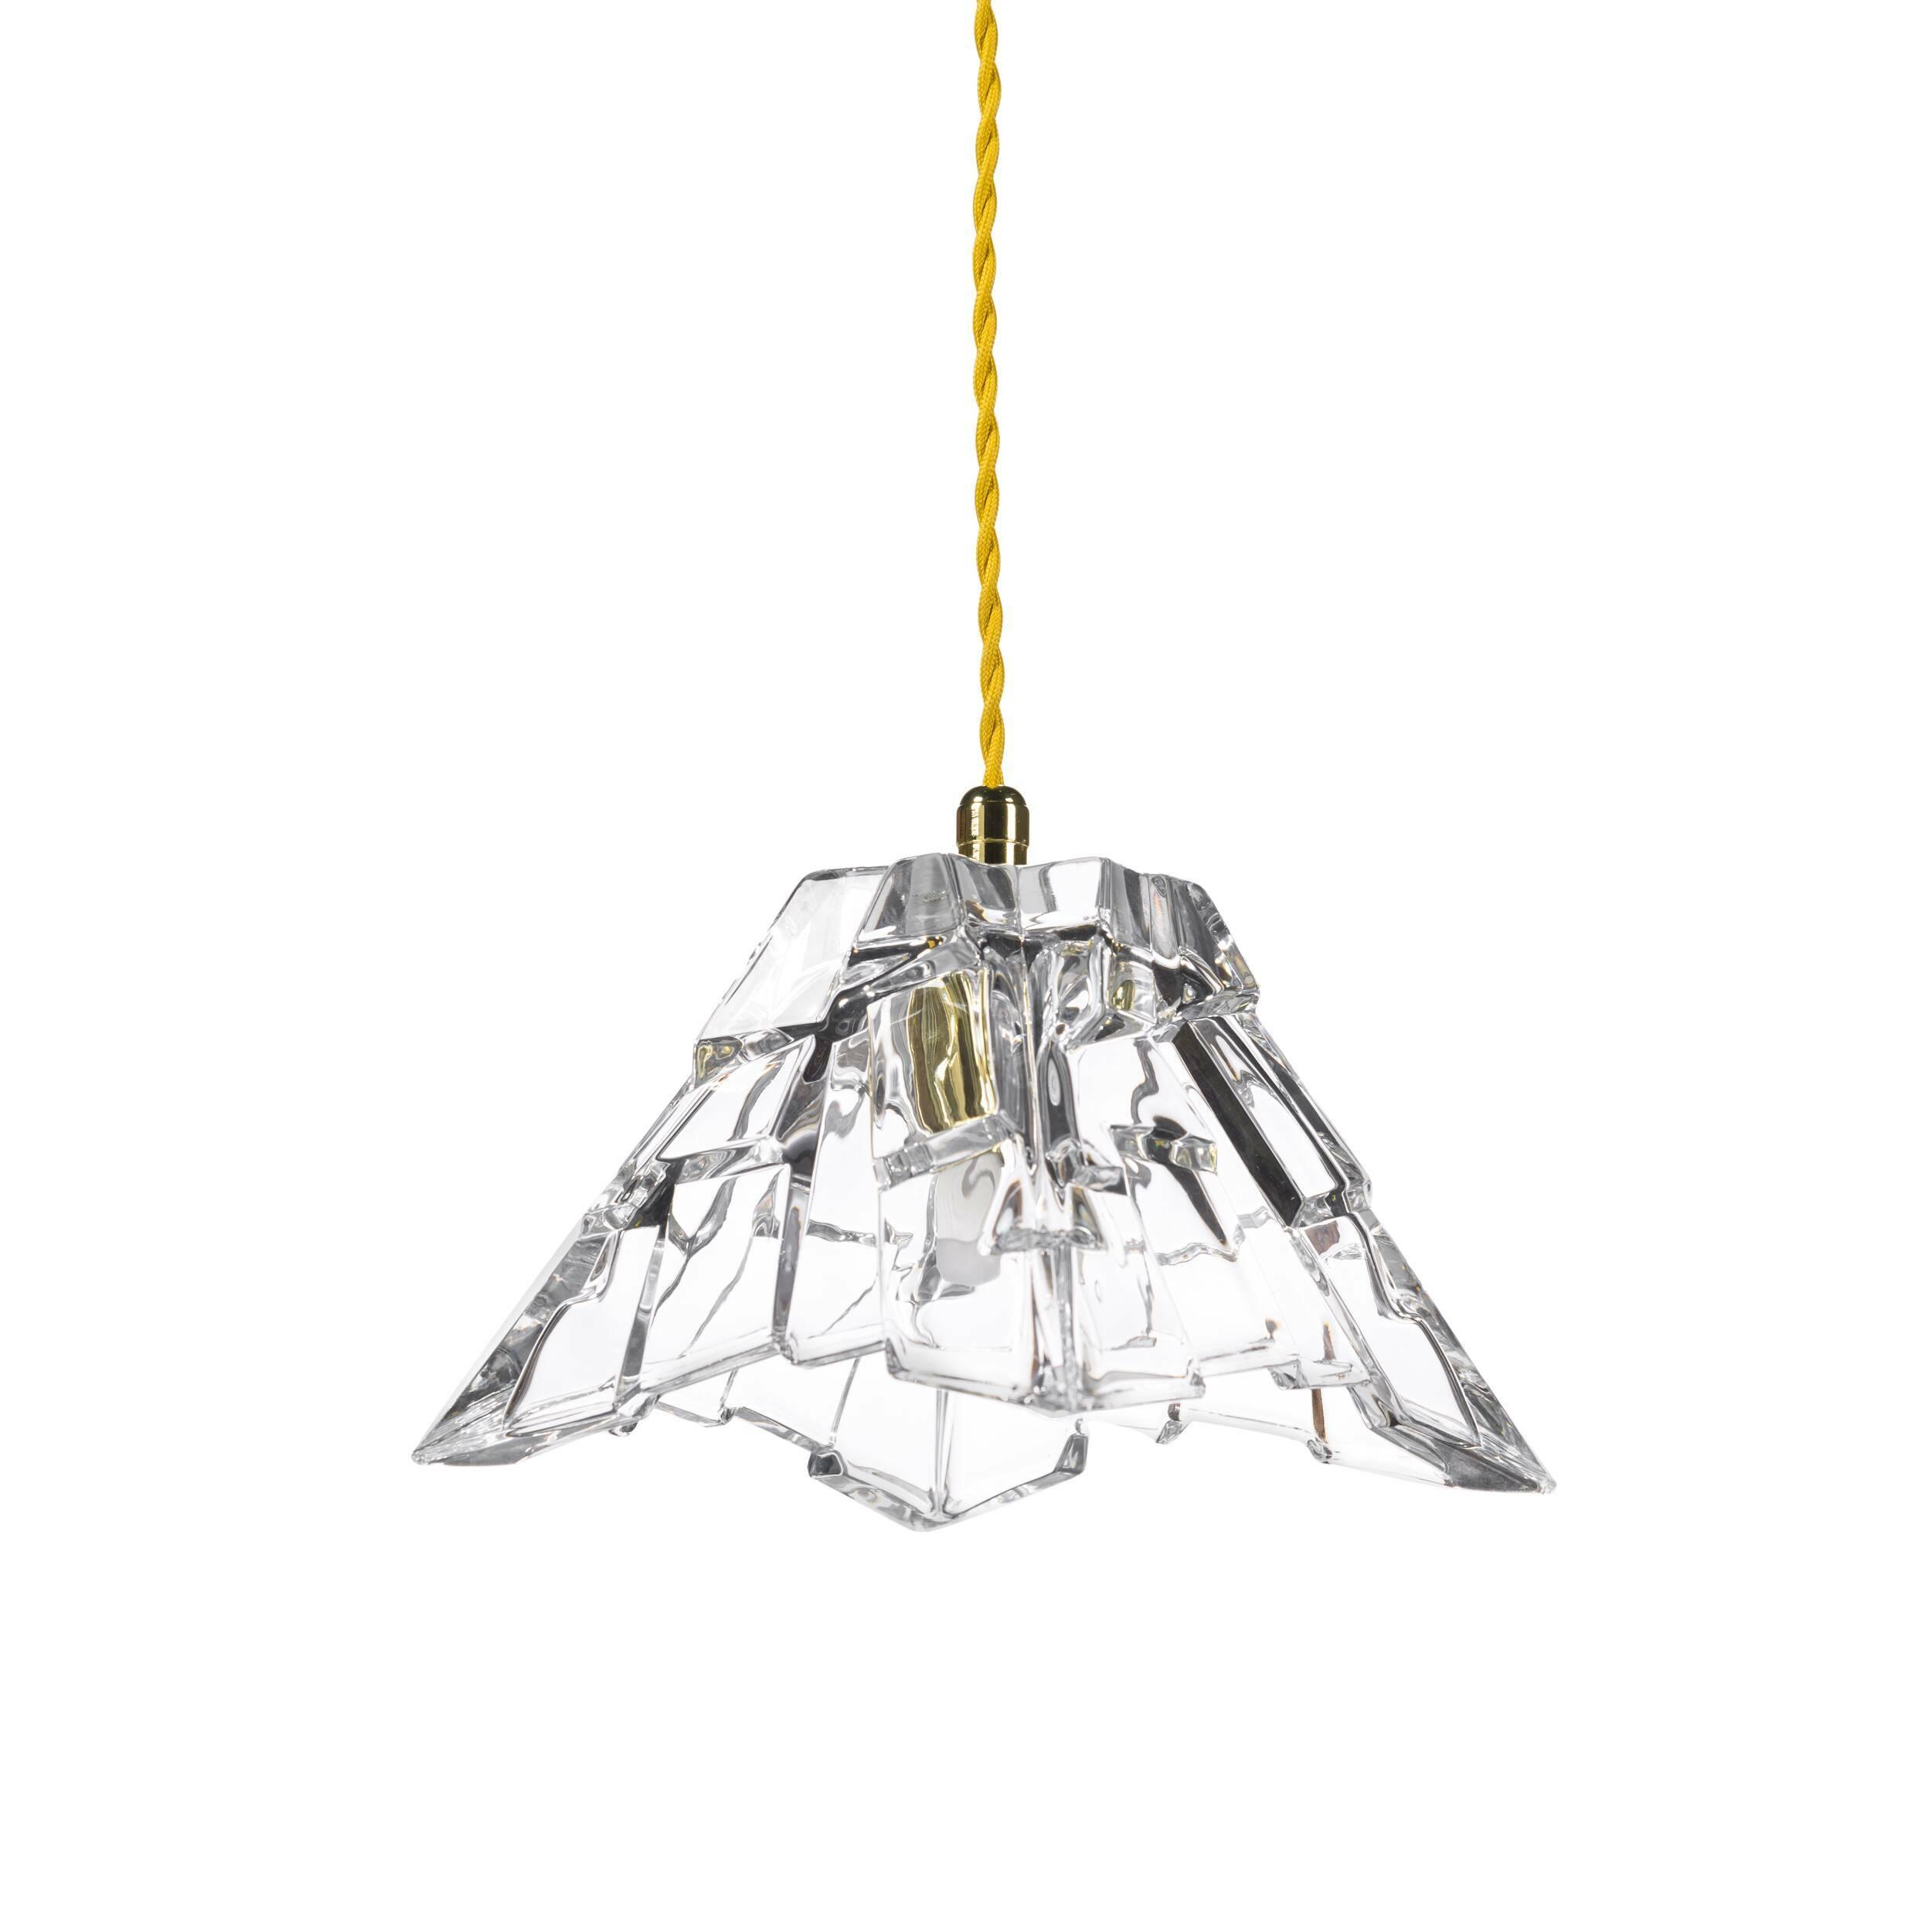 Подвесной светильник Crystal PeakПодвесные<br>«А что, позвольте поинтересоваться, ваза забыла у вас на потолке? И почему ко всему прочему она светит?»<br> <br> А потому, что дизайнеры подвесного светильника Crystal Peak  — большие виртуозы в своем деле. Материал, цвет, объемный узор — все это прямая отсылка к хрустальным вазам, которые по-прежнему хранятся у многих из нас. Но глядя на них никто не ожидал, что из них вышел бы отличный дизайнерский светильник! Свет, проходящий сквозь стенки изделия, изящно преломляется в гранях рисунка. Необыч...<br><br>stock: 18<br>Высота: 180<br>Диаметр: 16<br>Количество ламп: 1<br>Материал абажура: Стекло<br>Мощность лампы: 2<br>Ламп в комплекте: Нет<br>Напряжение: 220<br>Тип лампы/цоколь: G9<br>Цвет абажура: Прозрачный